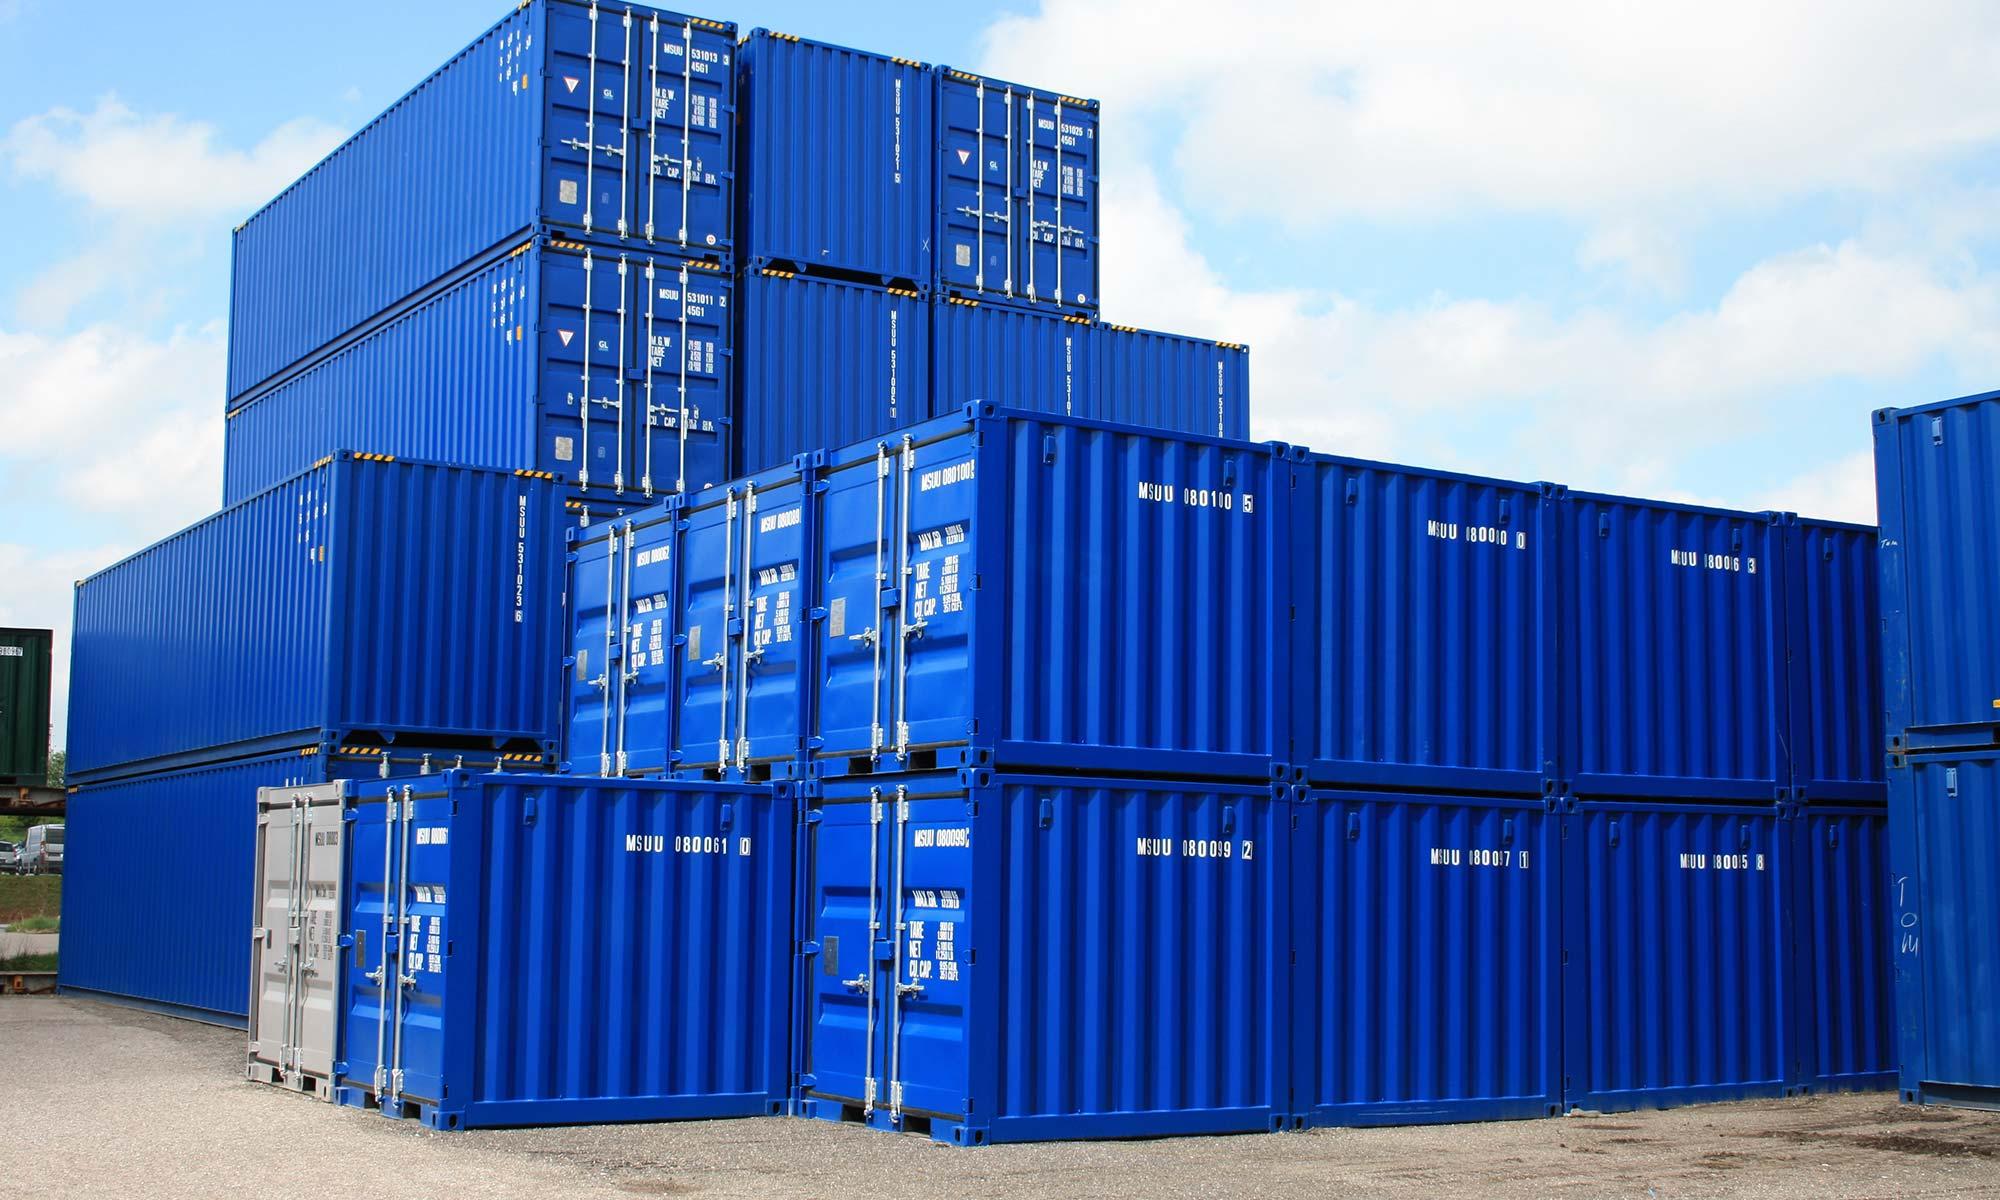 виды контейнеров